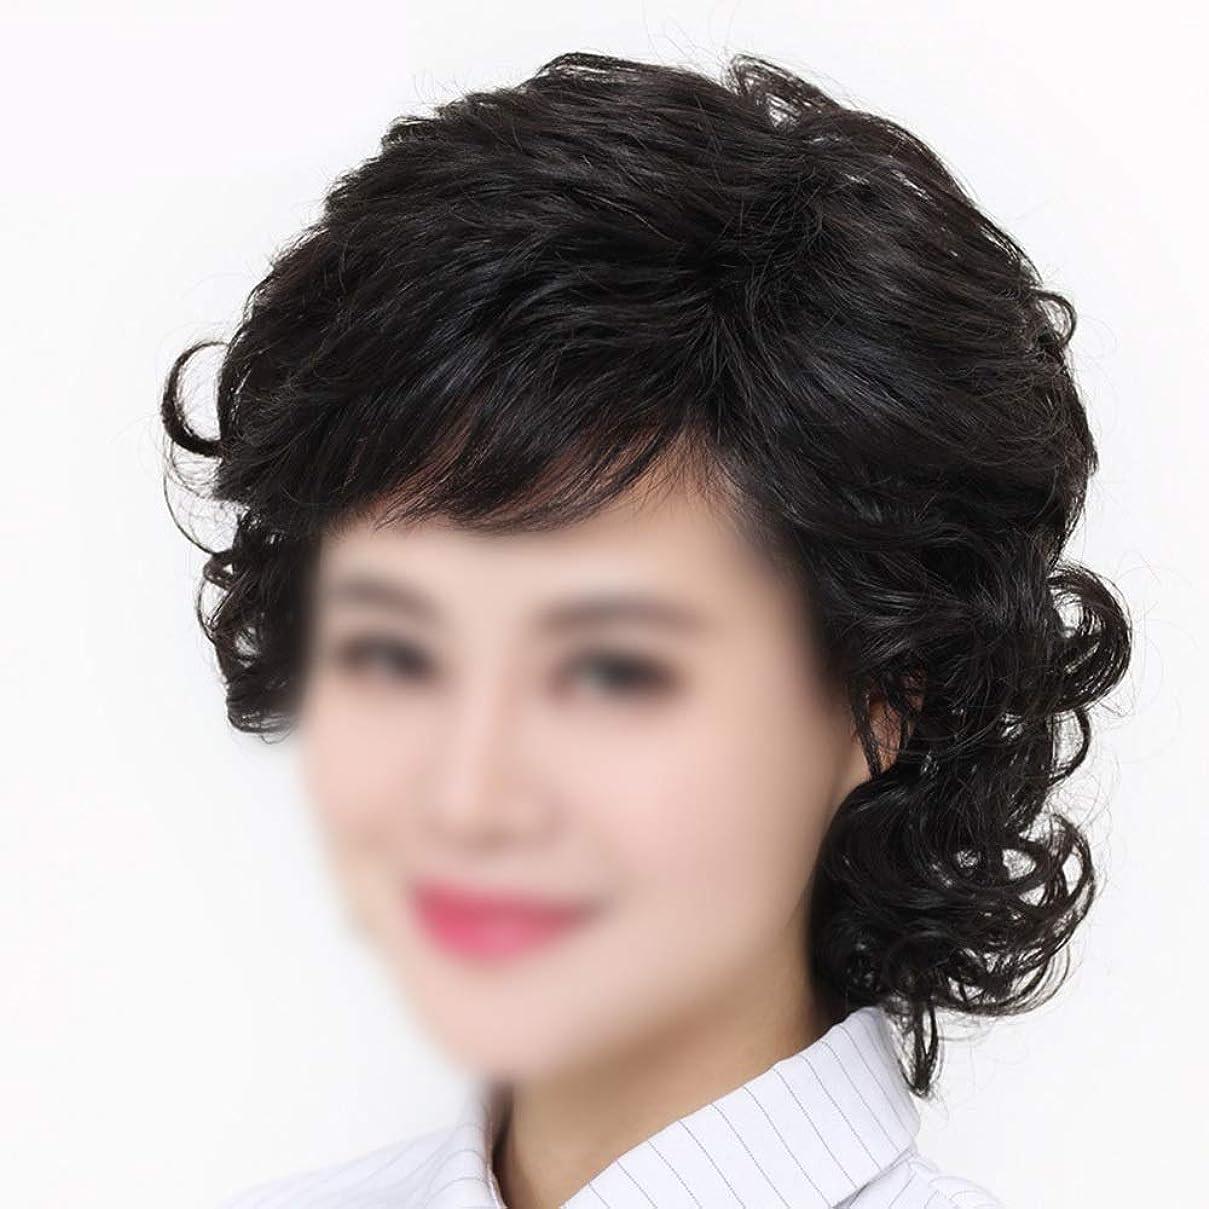 悲惨な男やもめ白雪姫BOBIDYEE 女性のための手織りの短い髪のリアルヘアダークブラウンのかつら母の髪のかつら (色 : Dark brown, サイズ : Mechanism)